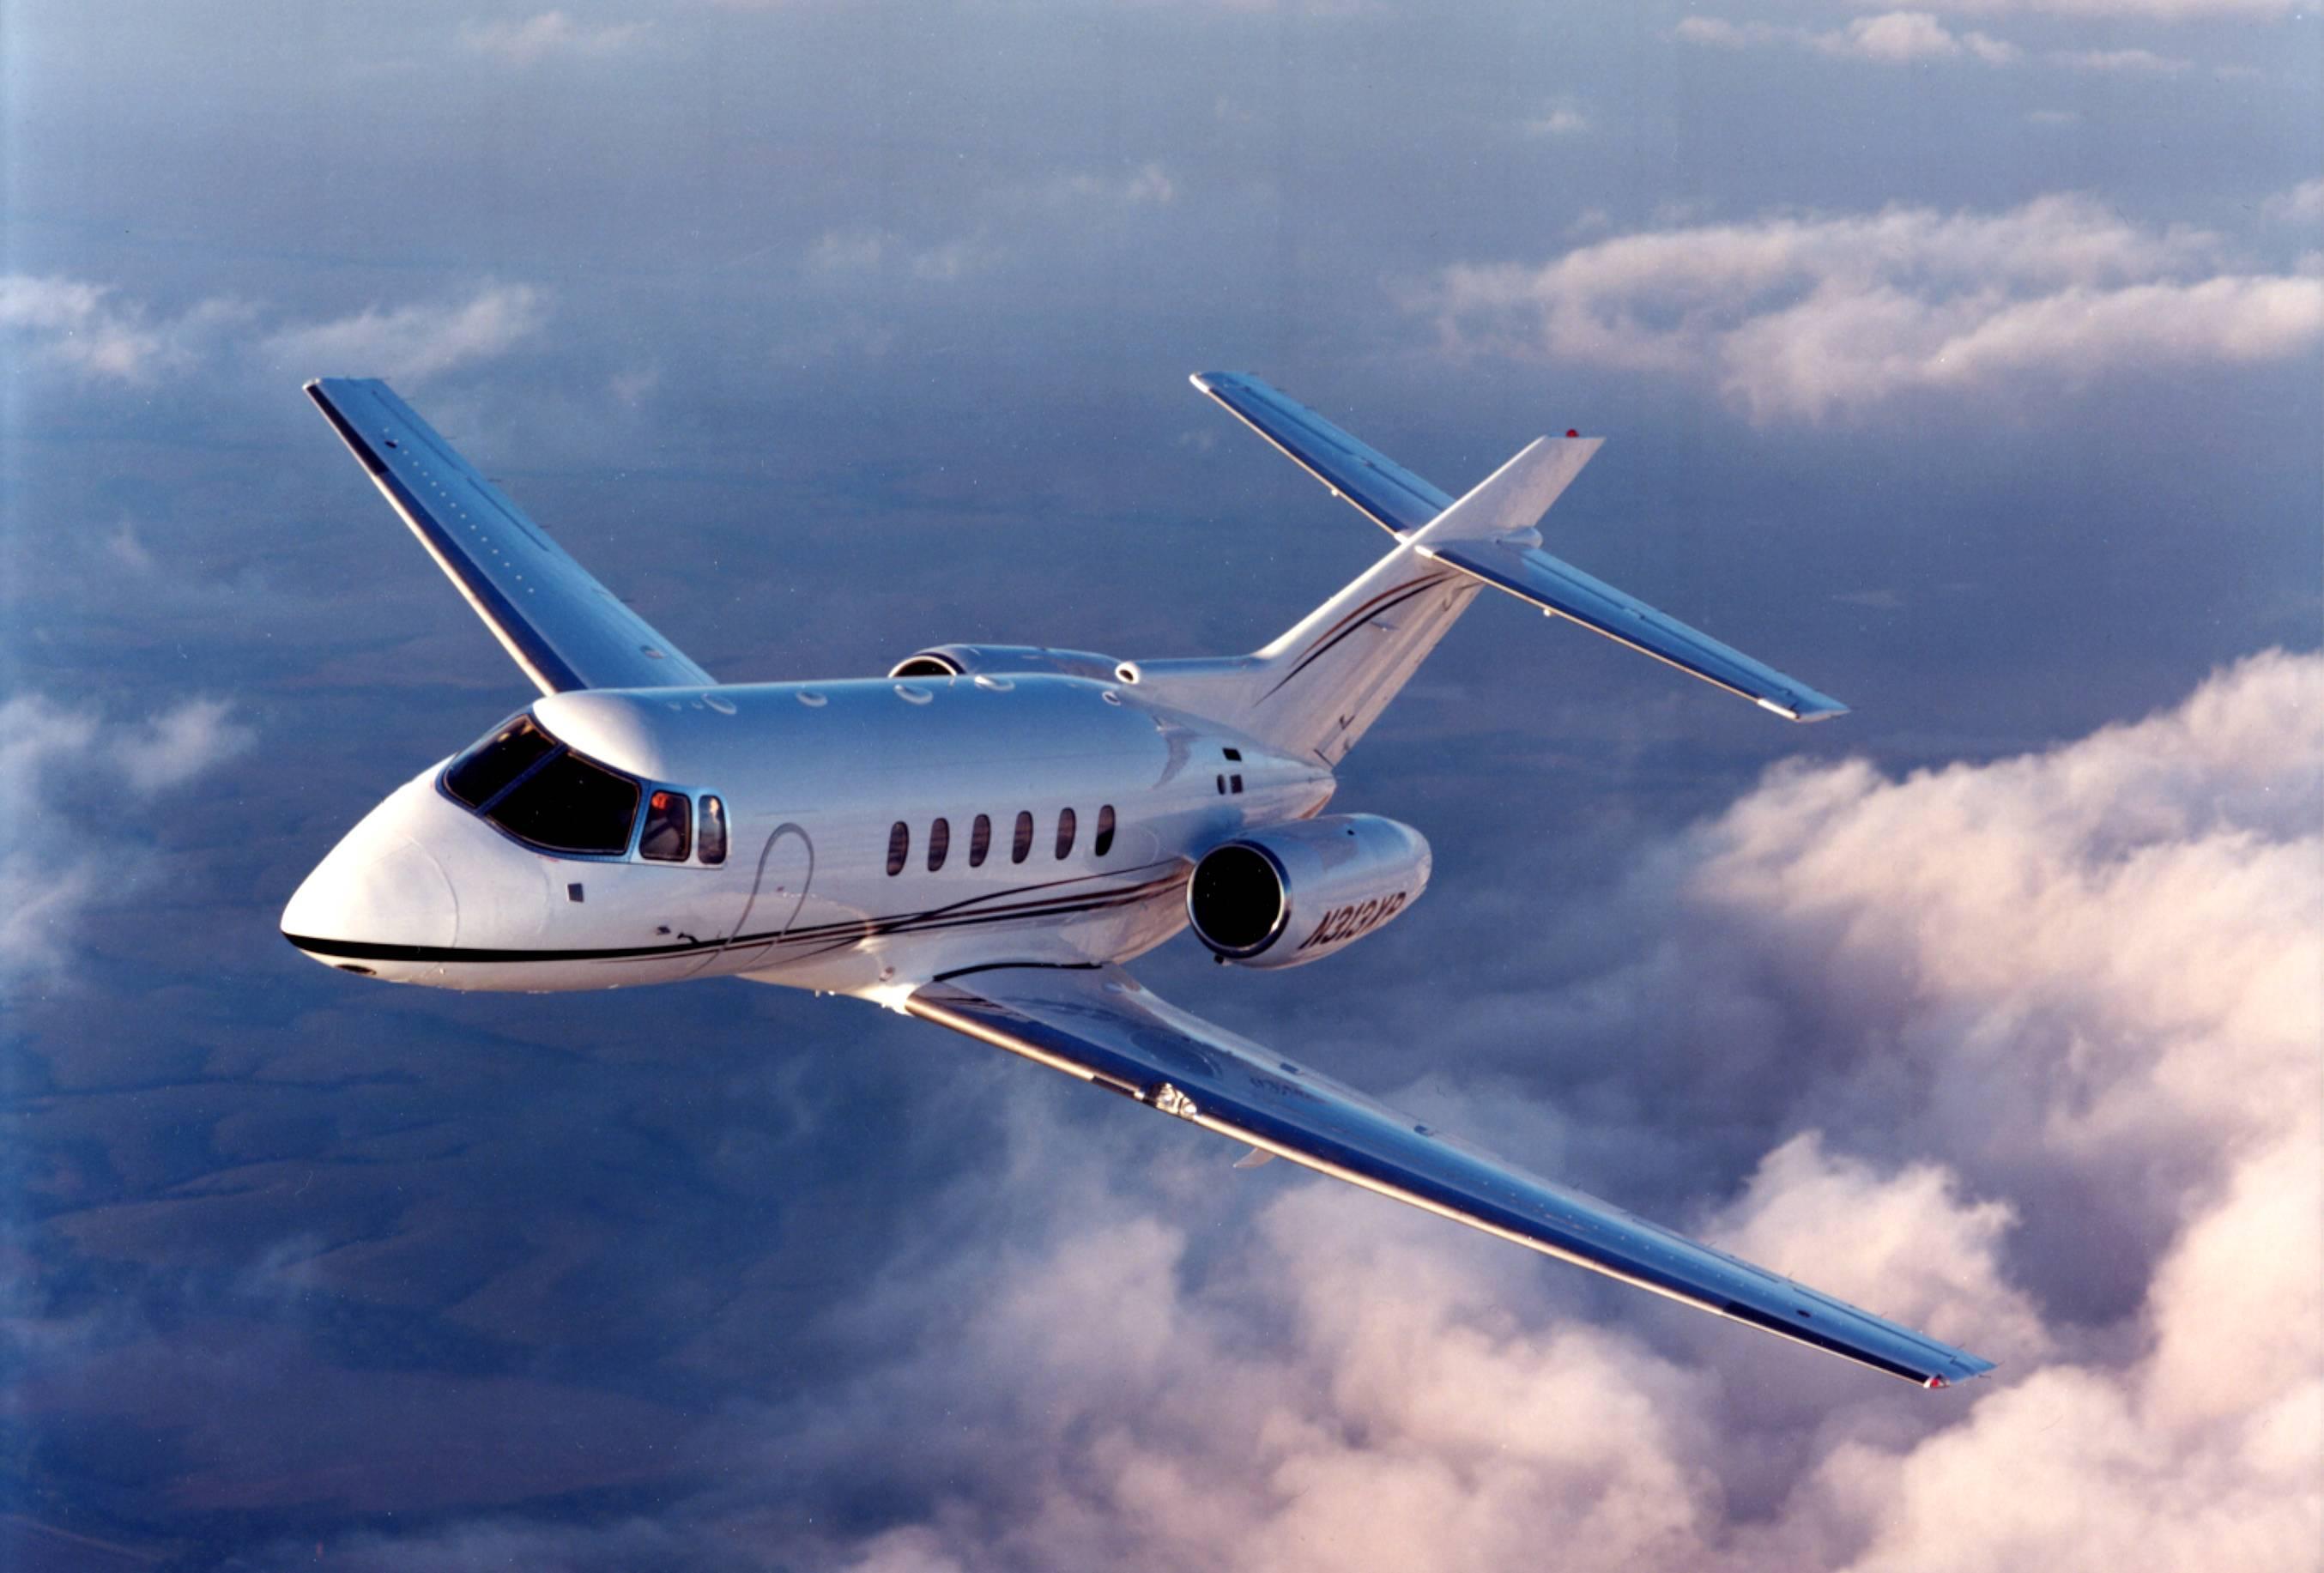 Пассажирские самолеты картинка